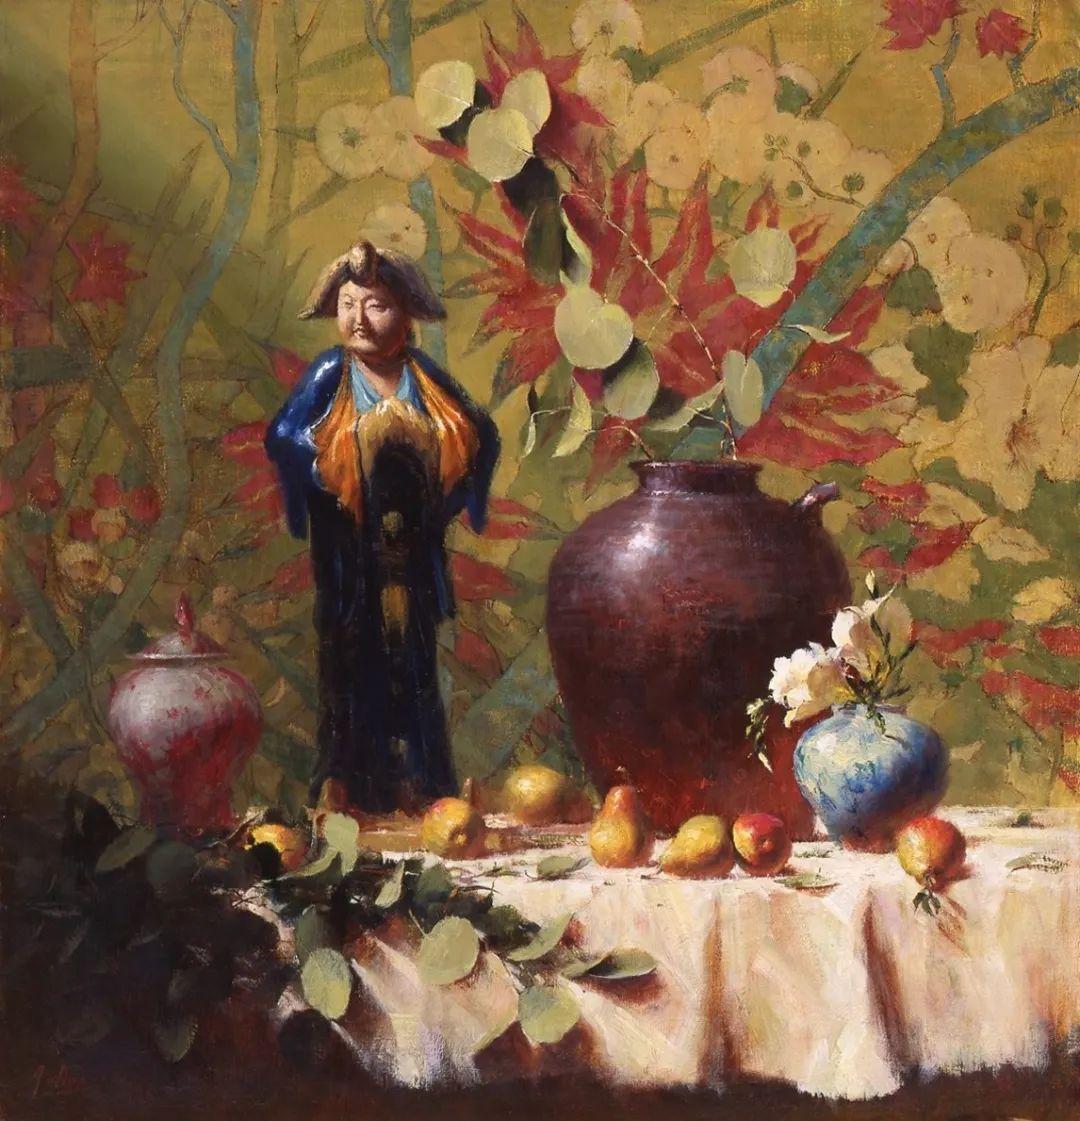 罗伯特·约翰逊笔下精美的风景、花卉油画插图117